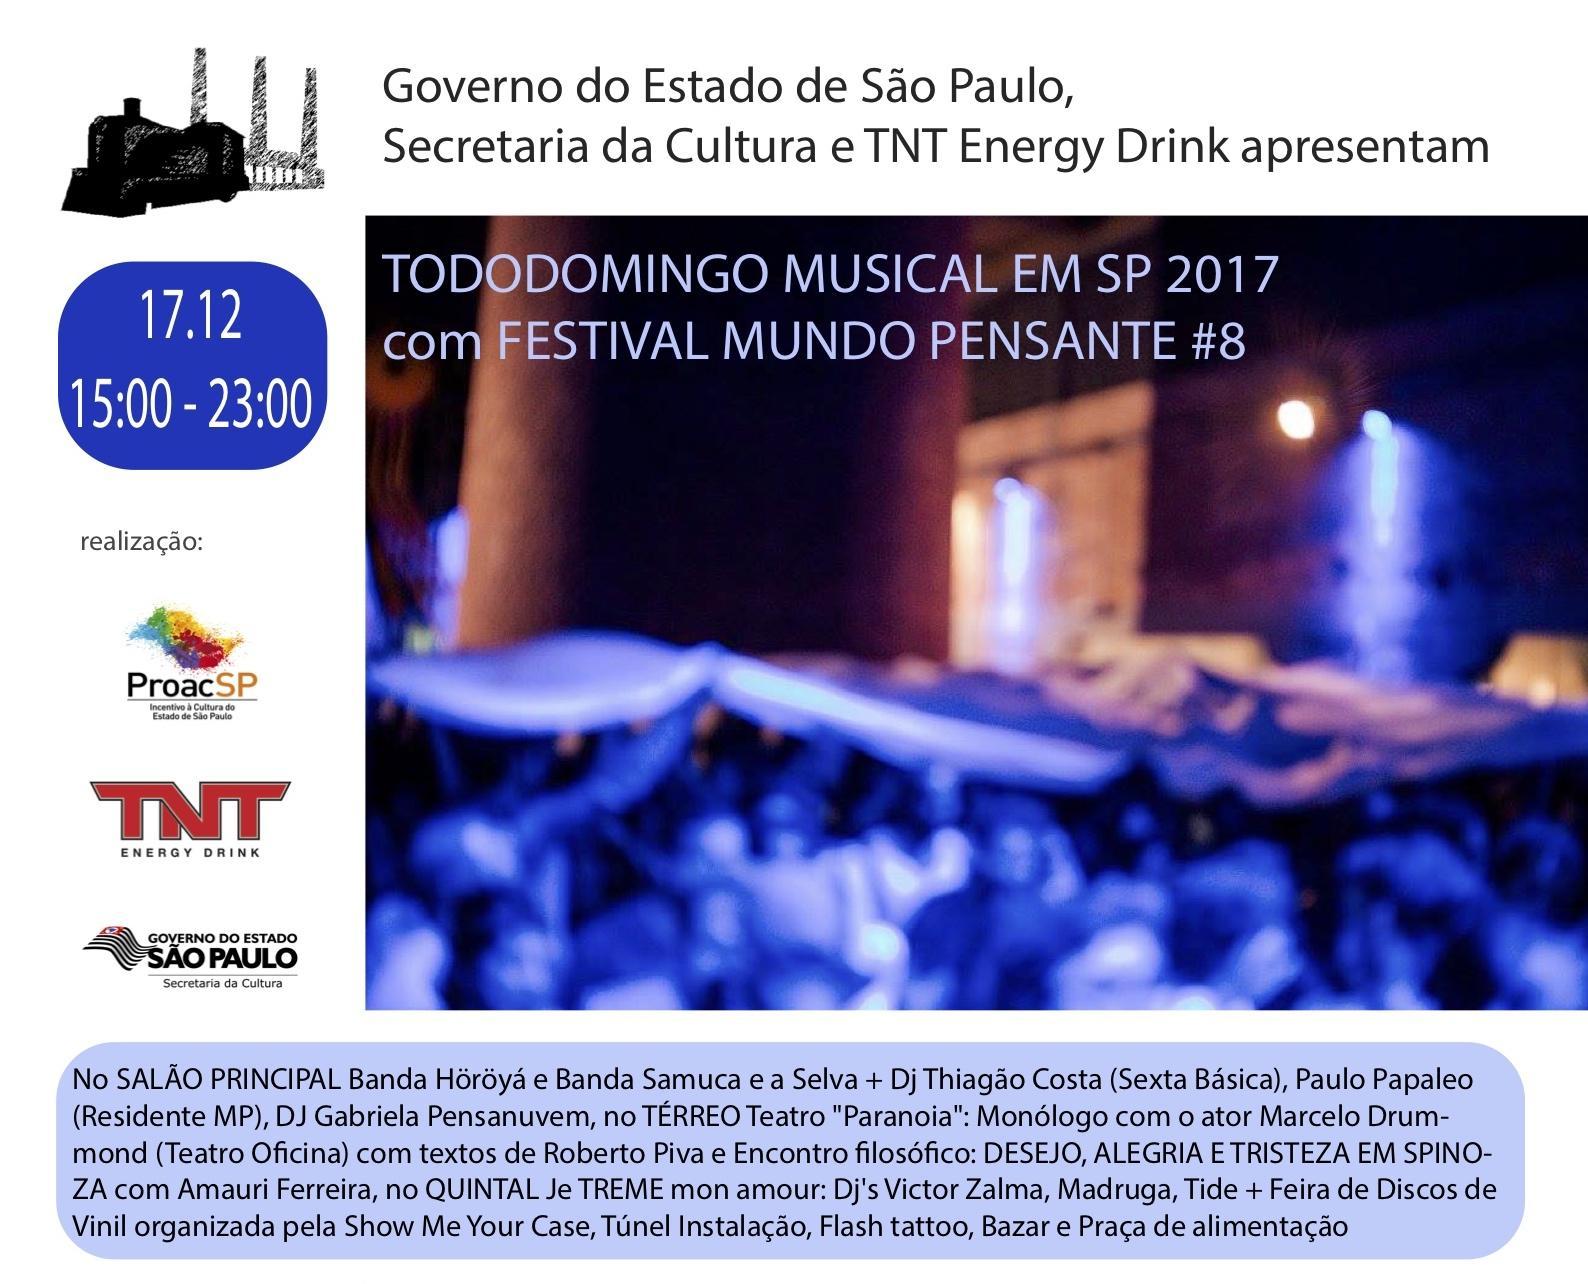 FESTIVAL MUNDO PENSANTE 17.12